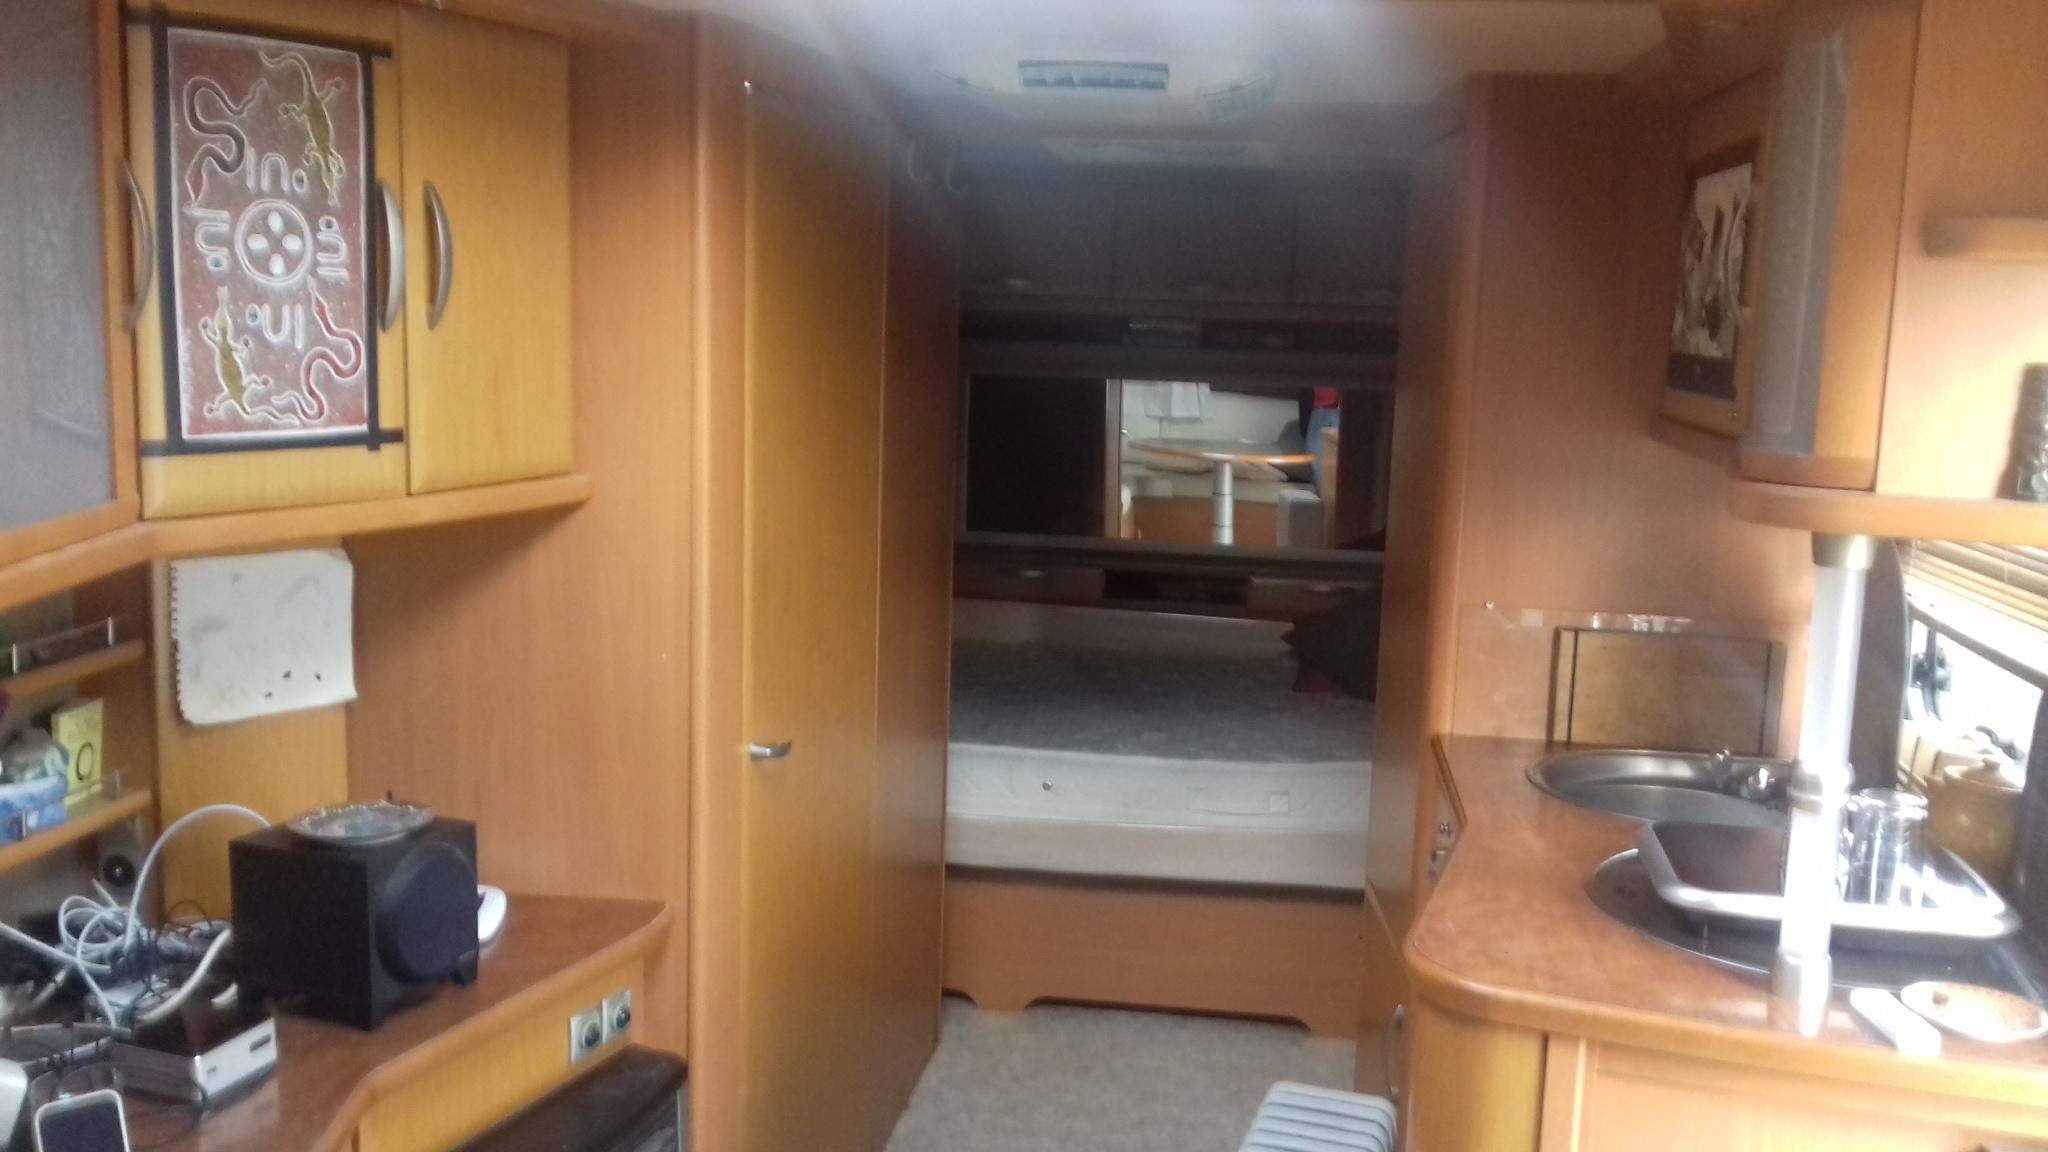 caravane forain interieur beautiful interieur de caravane on decoration d moderne la caravane. Black Bedroom Furniture Sets. Home Design Ideas